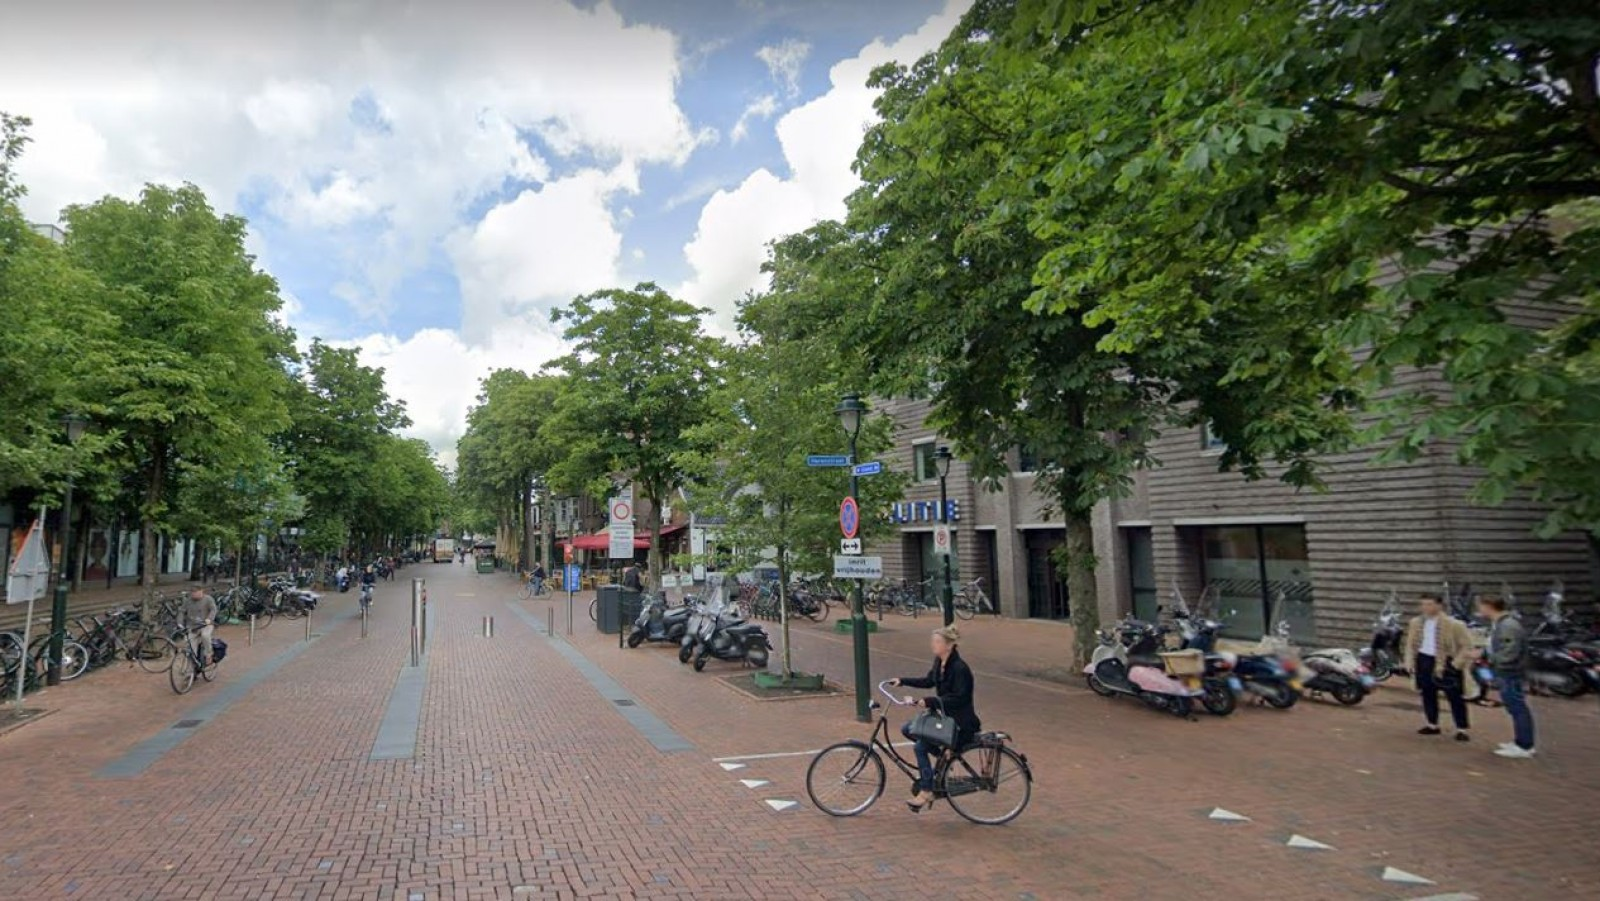 """Gemeente Hilversum: """"Op sommige plekken was het gewoon heel druk"""""""